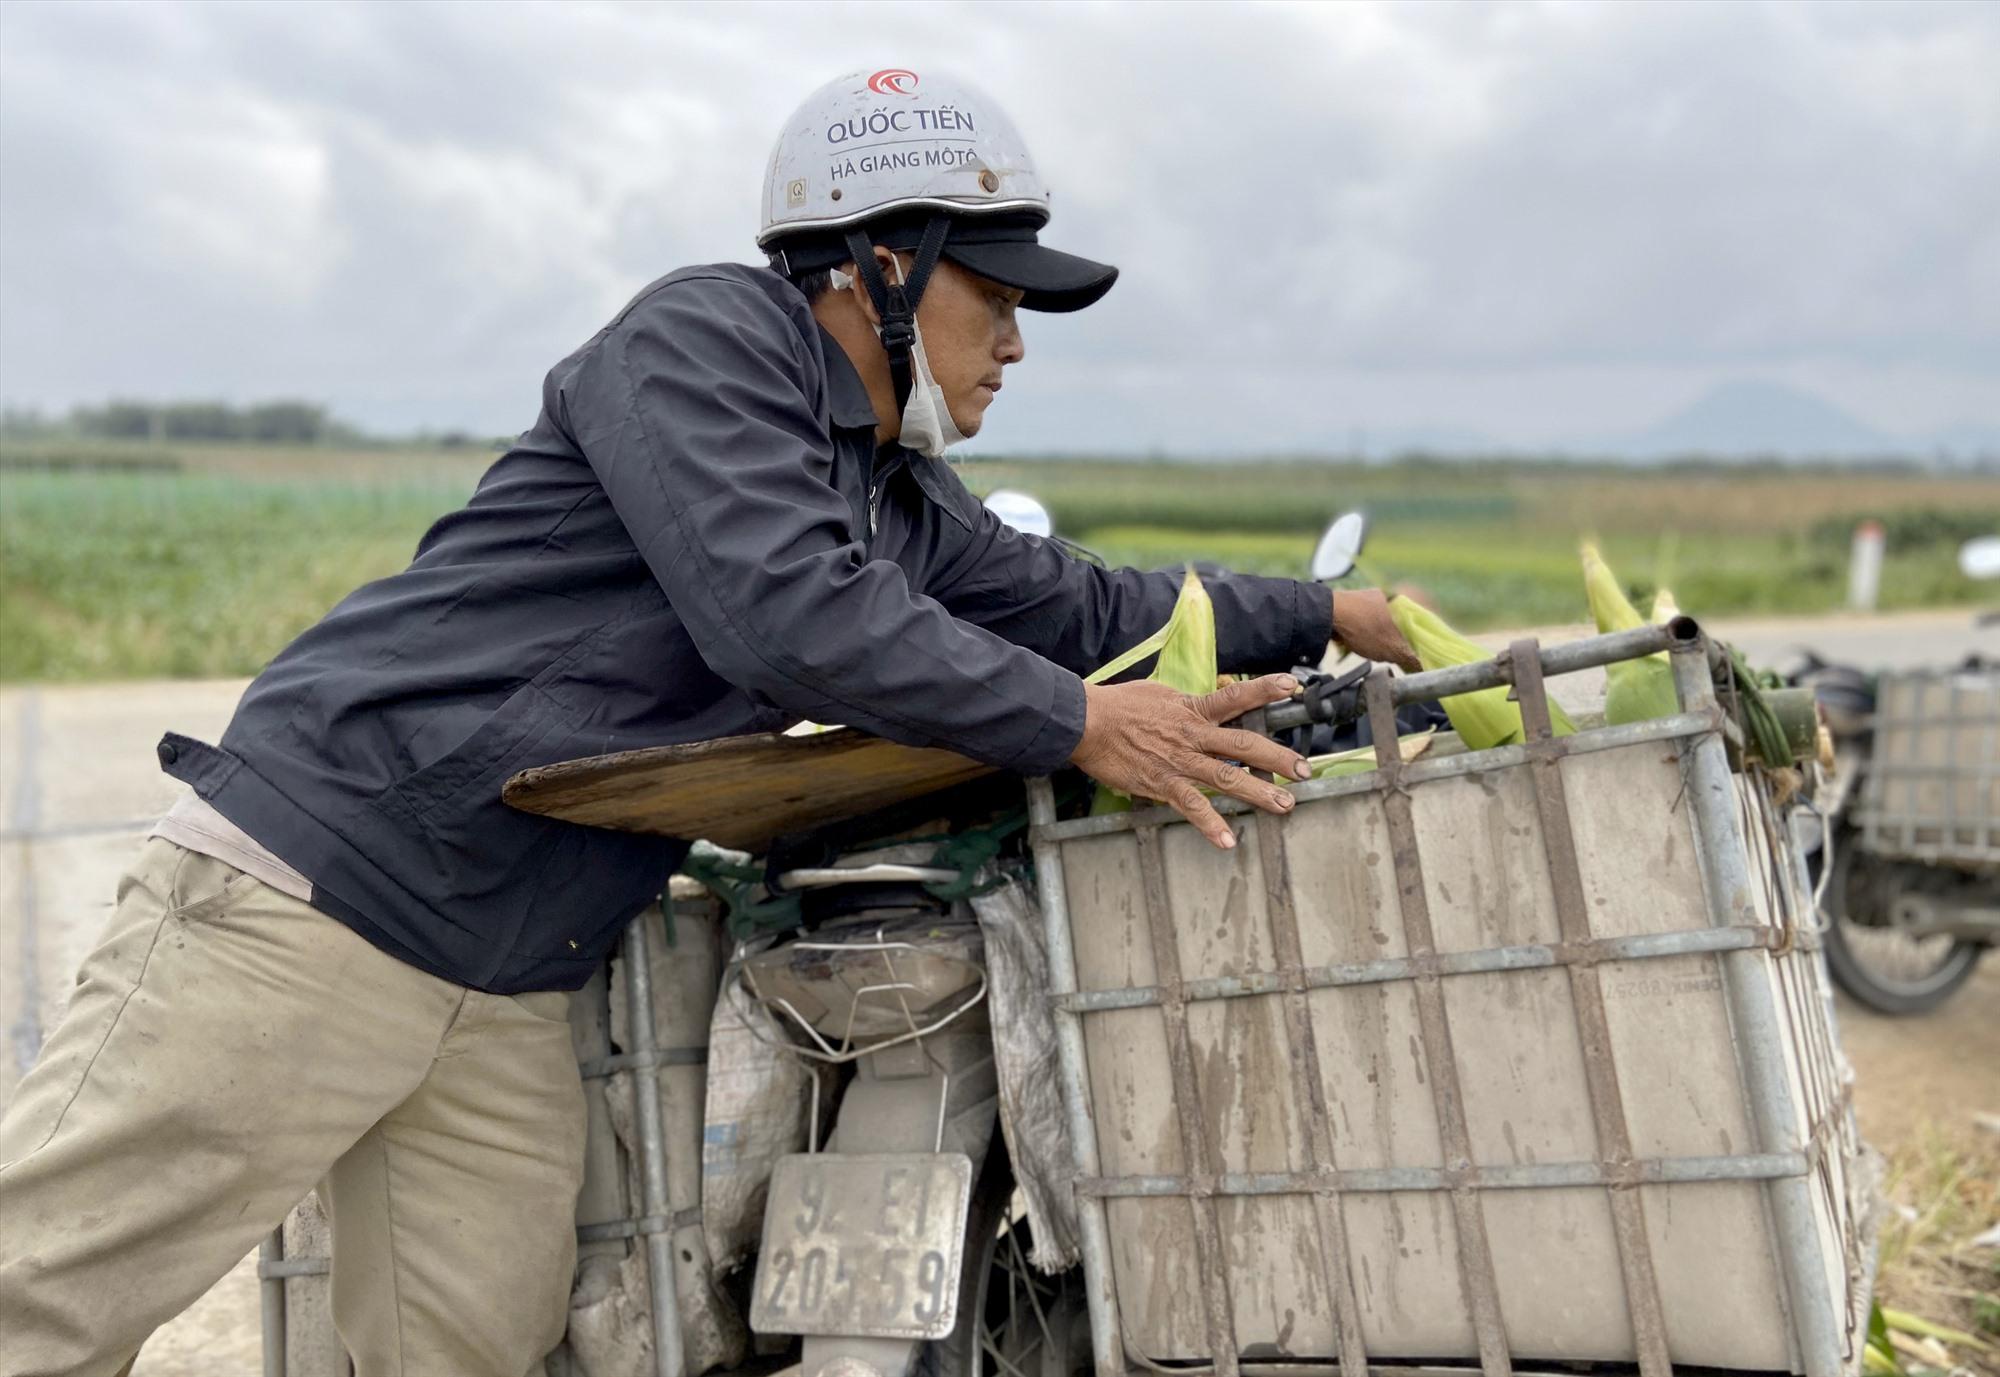 Thương lái mua bắp ngay tại ruộng với giá 45 nghìn/chục. Ảnh: MỸ LIÊN